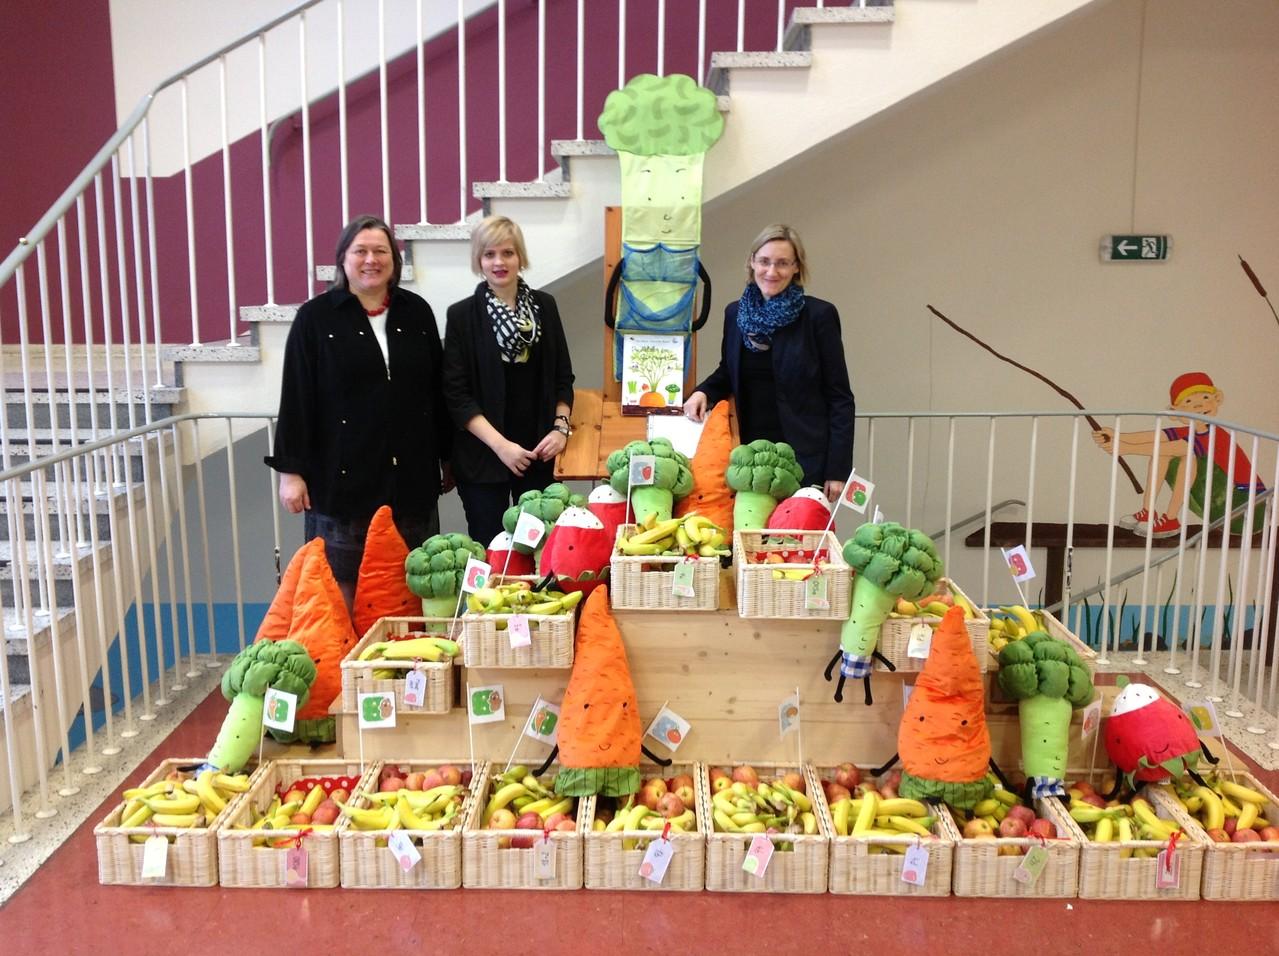 Unsere provisorische Leiterin Elke Kirchweger, Anna Gruber und Ulrike Zallinger